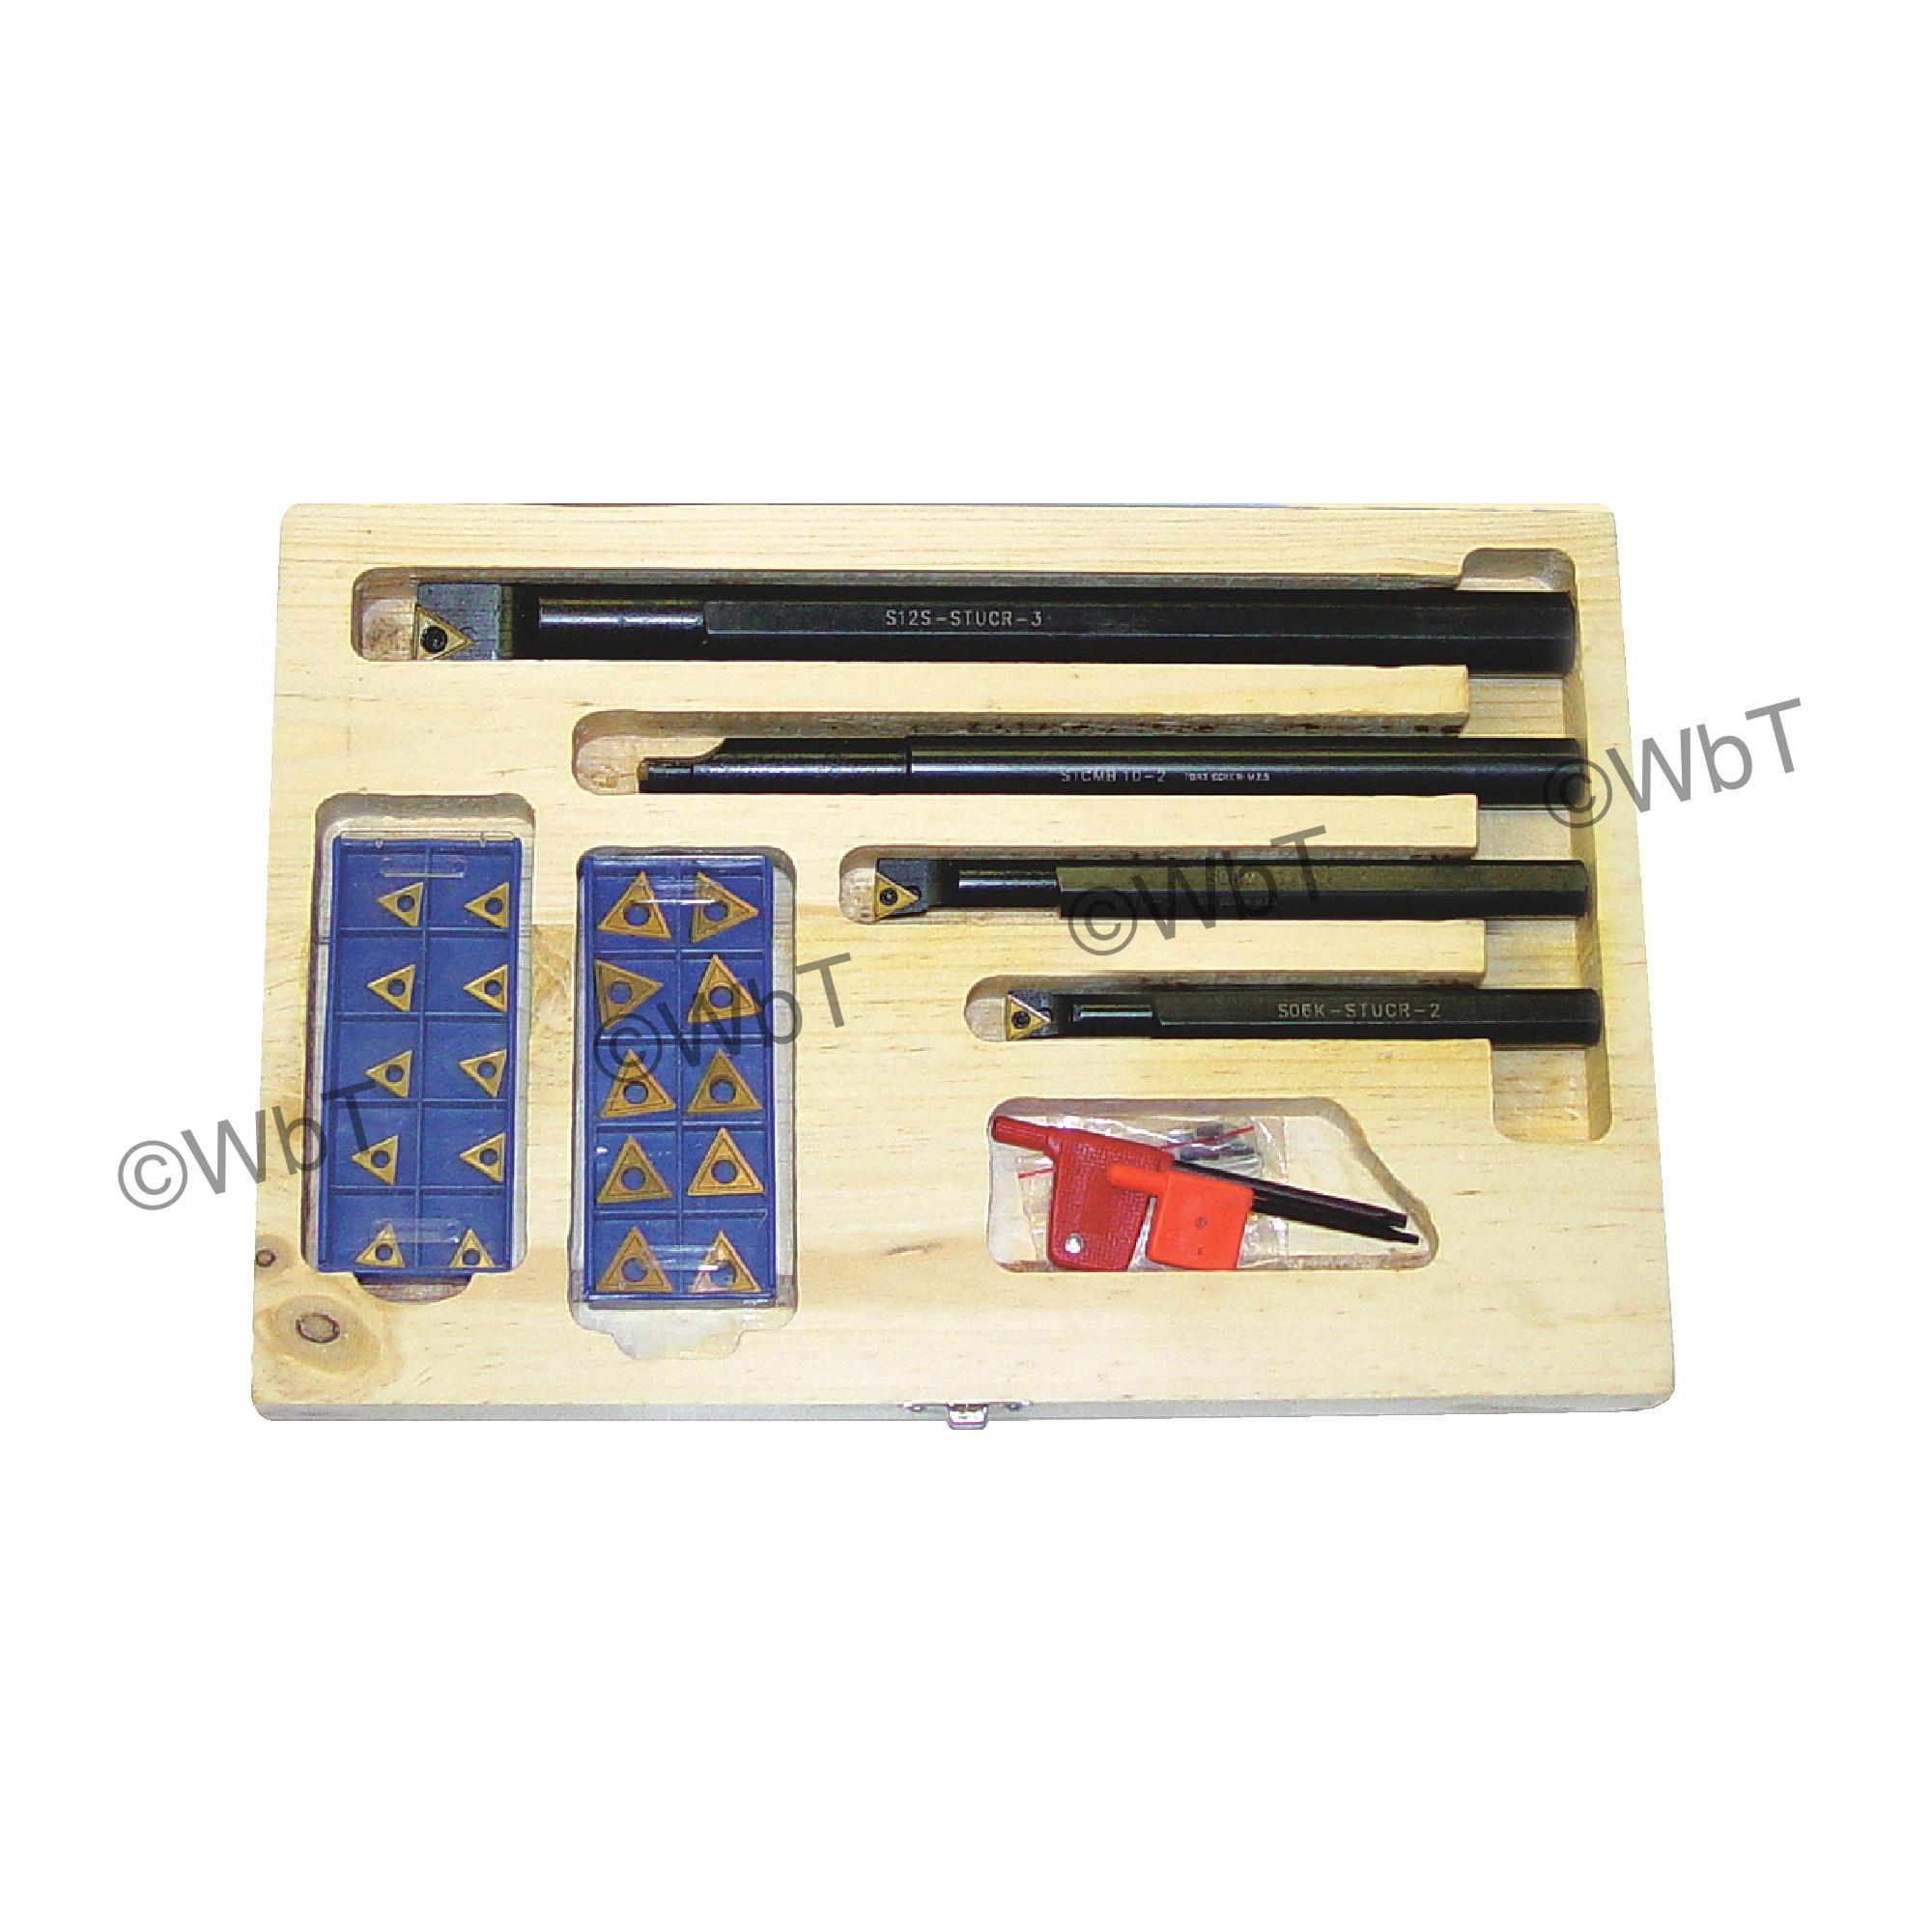 """PHASE II - INDB-31 SET Steel / Boring Bar Set (3/8"""", 1/2"""", 5/8"""", & 3/4"""") With (10) TCMT2(1.5)1 Coated Inserts & (10) TCM"""